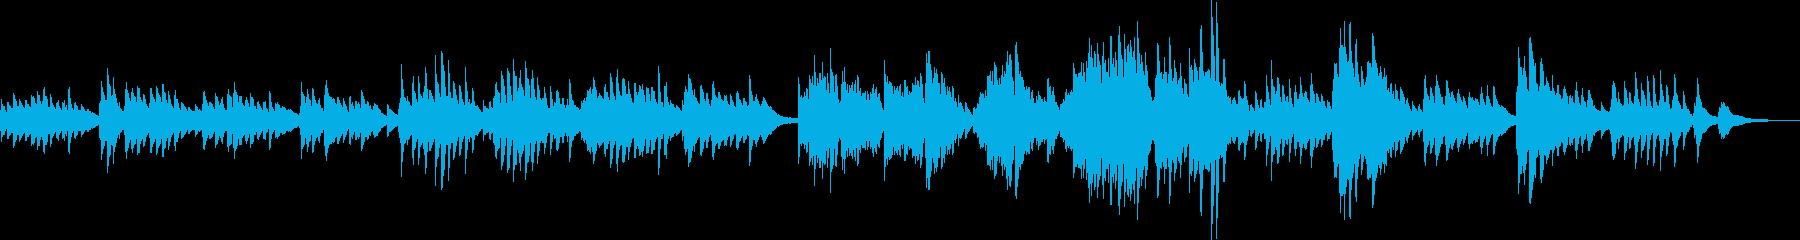 少し切ない和風なピアノBGM(生演奏)の再生済みの波形